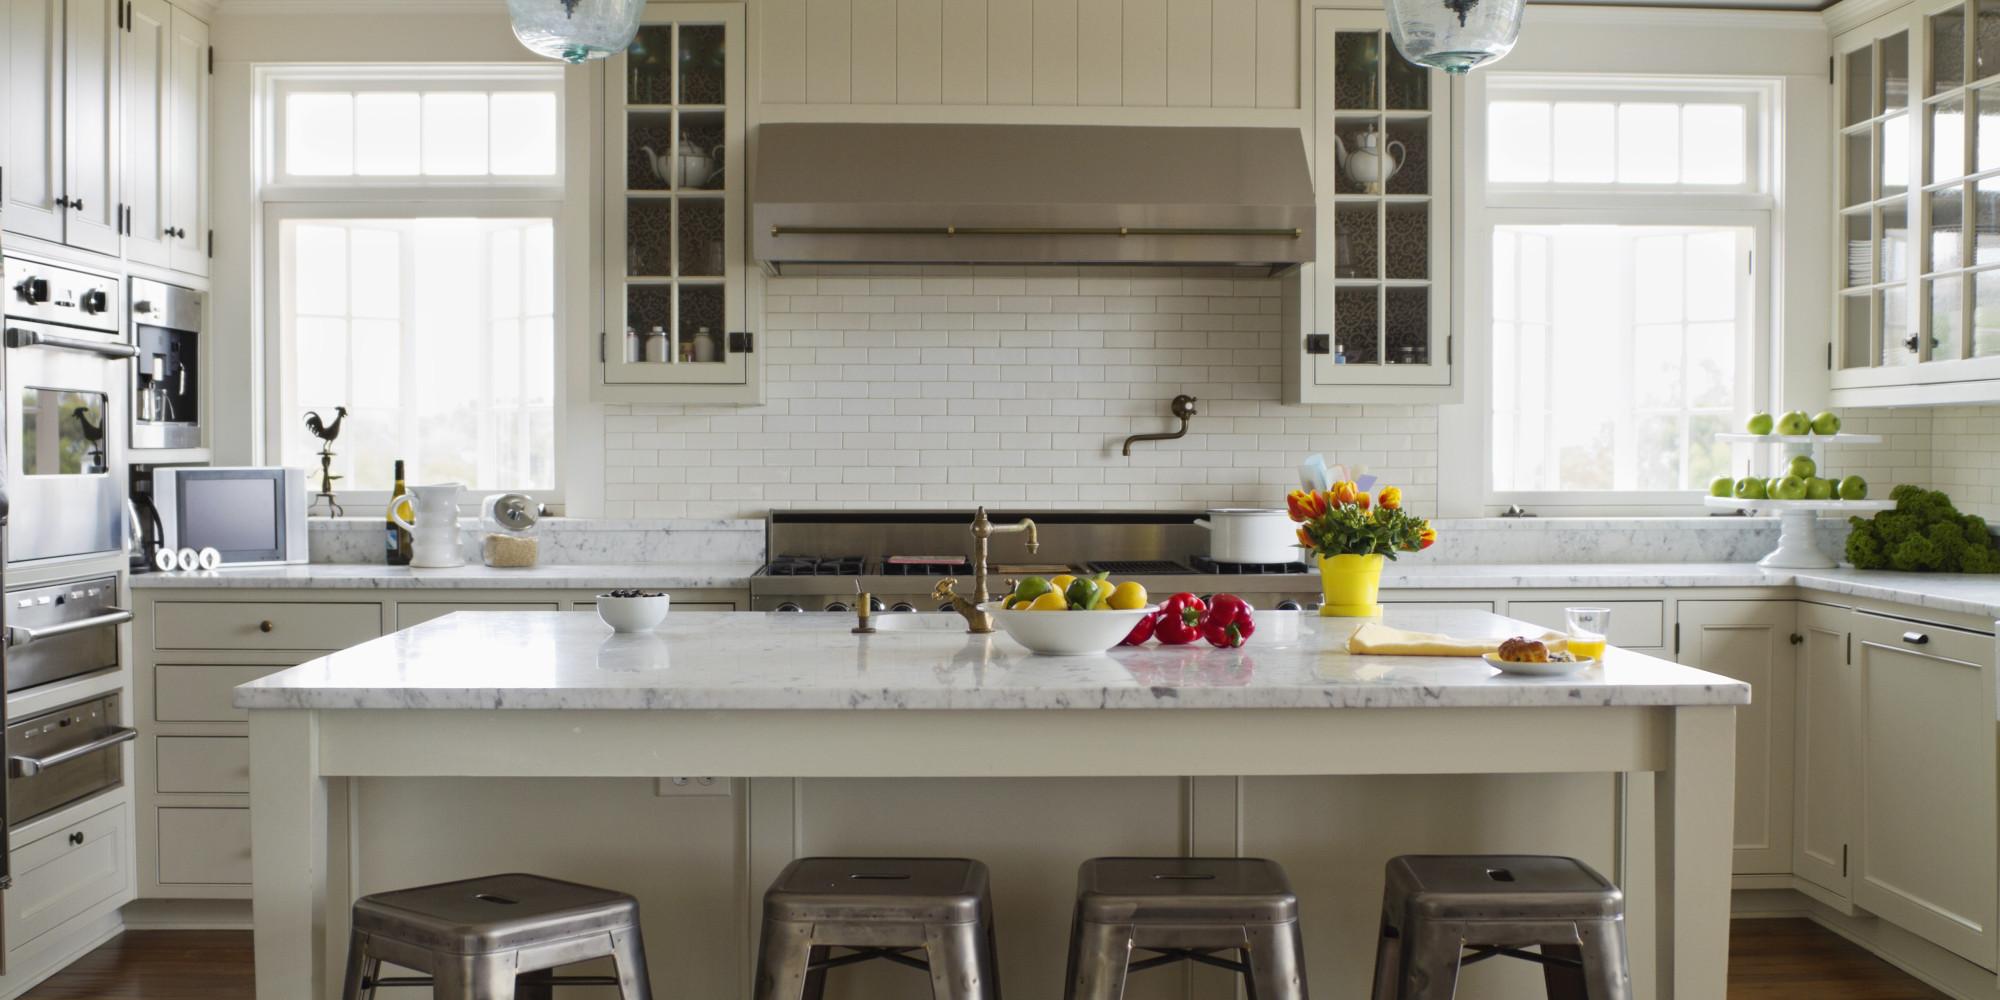 biggest kitchen trends surprise photos trendy kitchen designs trend home design decor